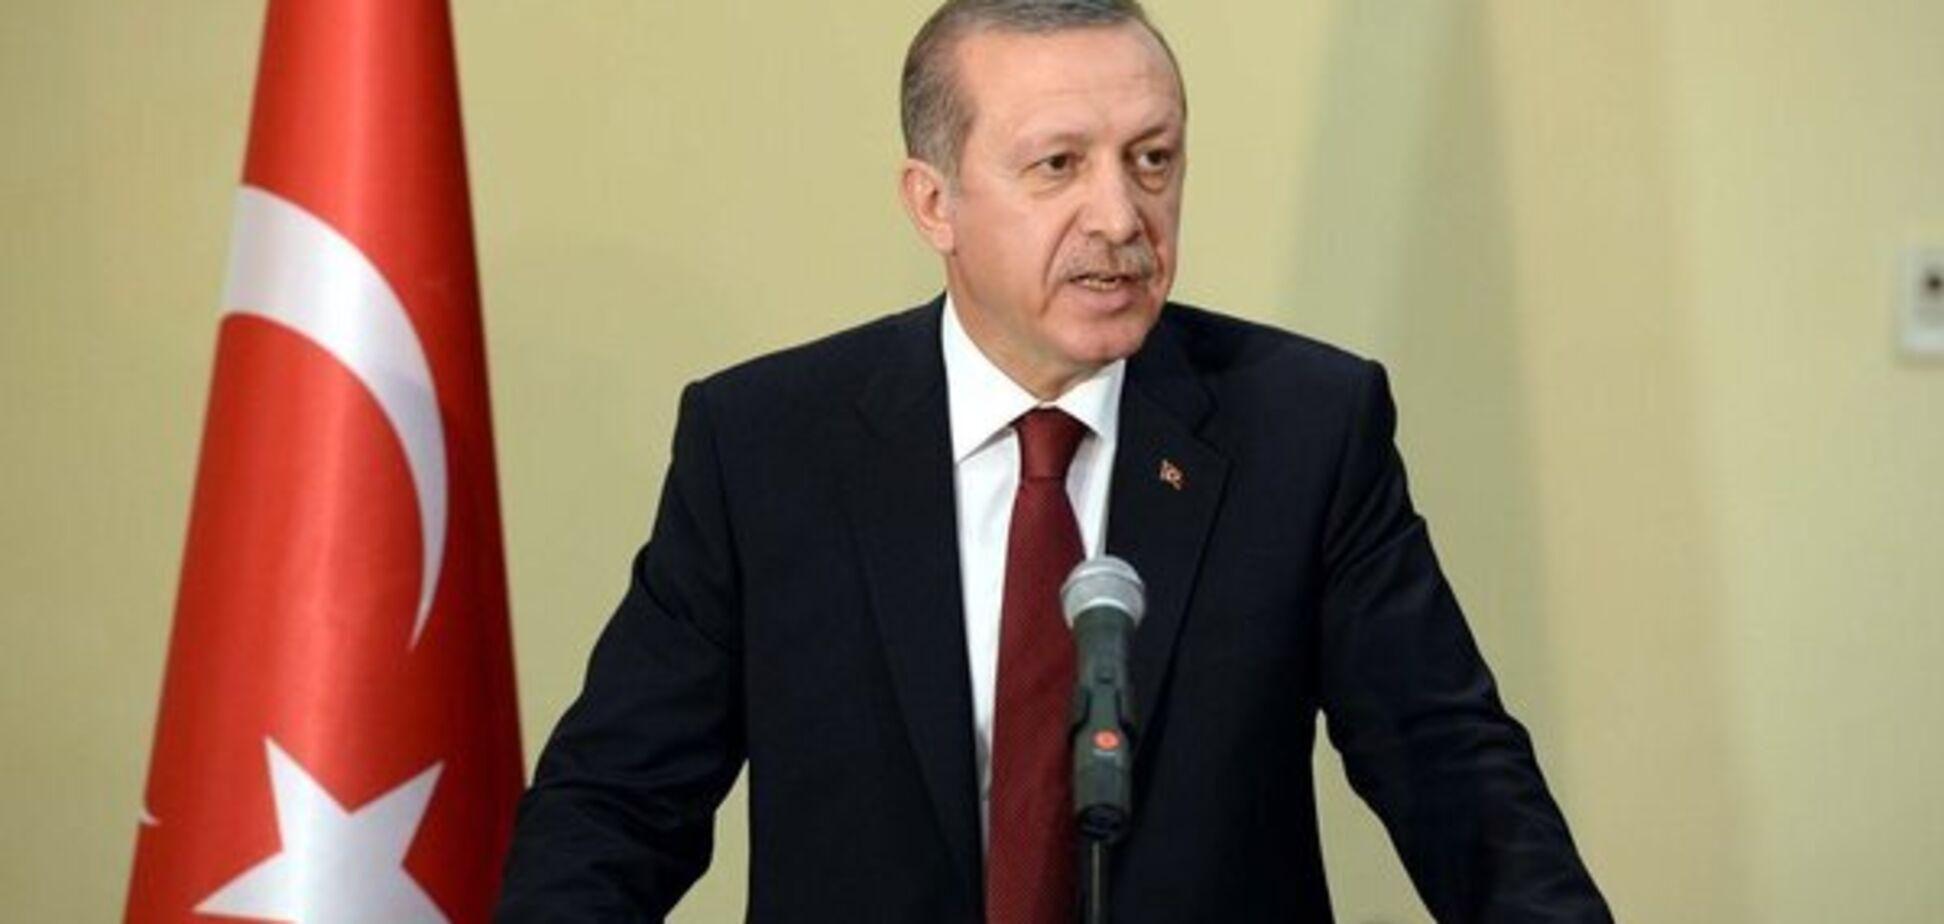 Ердоган назвав офіційну дату запуску нового газопроводу в обхід України